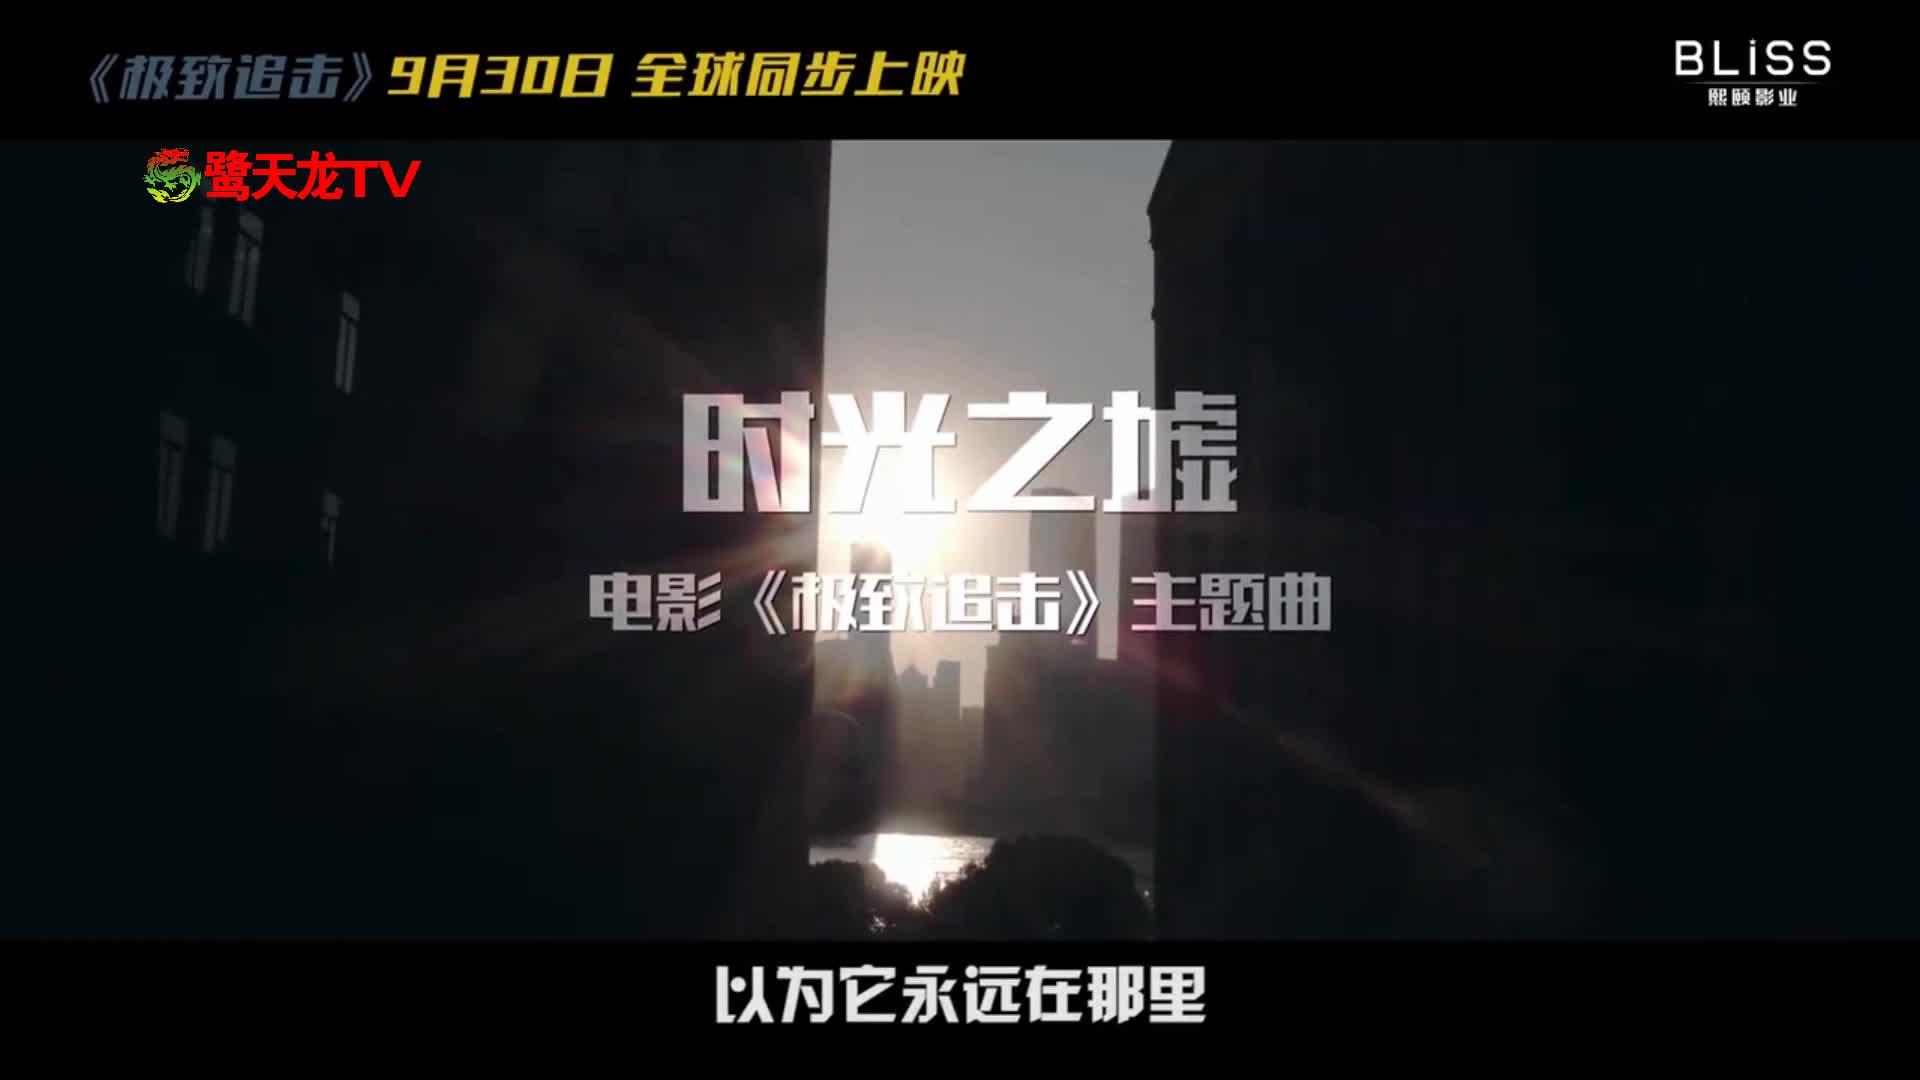 《极致追击》MV 奥兰多周杰伦许魏洲三强联手